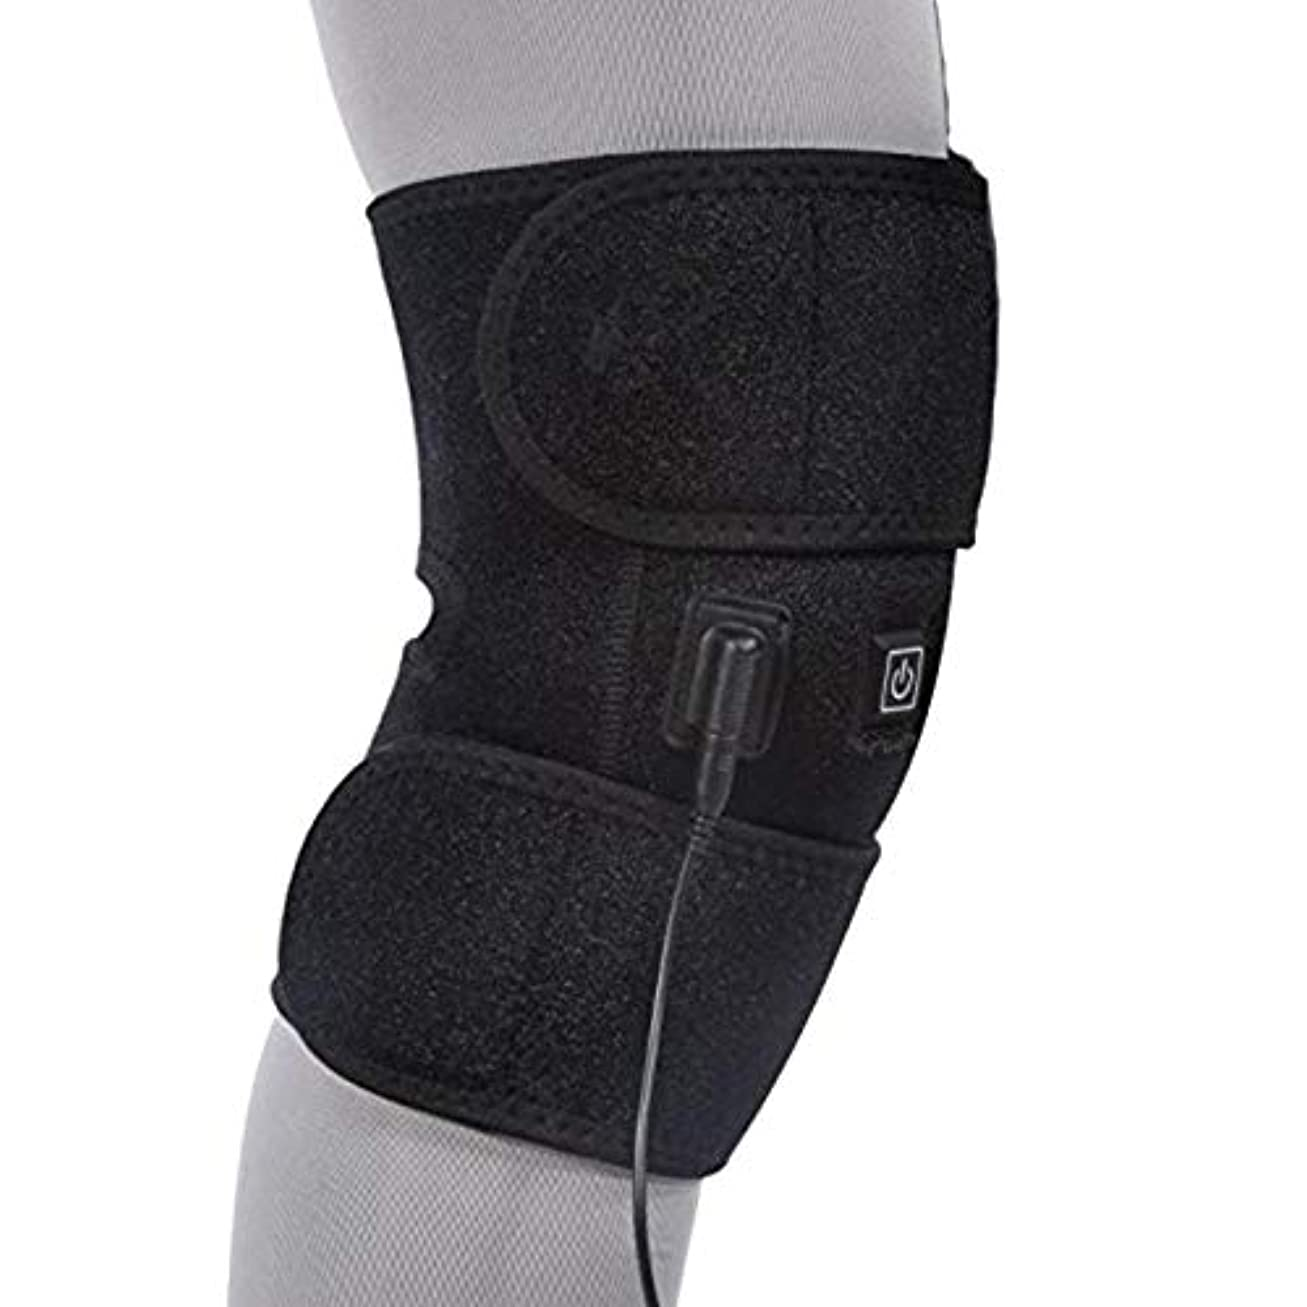 おとなしいグラムセンターLEKING 膝サポーター 充電式 膝関節加熱マッサージ 3段温度可調 膝マッサージャー マッサージ器 フットマッサージャー ひざ マッサージャー 振動 赤外線療法 温熱療法 防寒 膝痛、神経痛、関節痛、冷え症に対応 筋肉痛緩和 ストレス解消 膝サポーター 膝マット 太もも/腕対応 通気性 男女兼用 (ブラック, B)